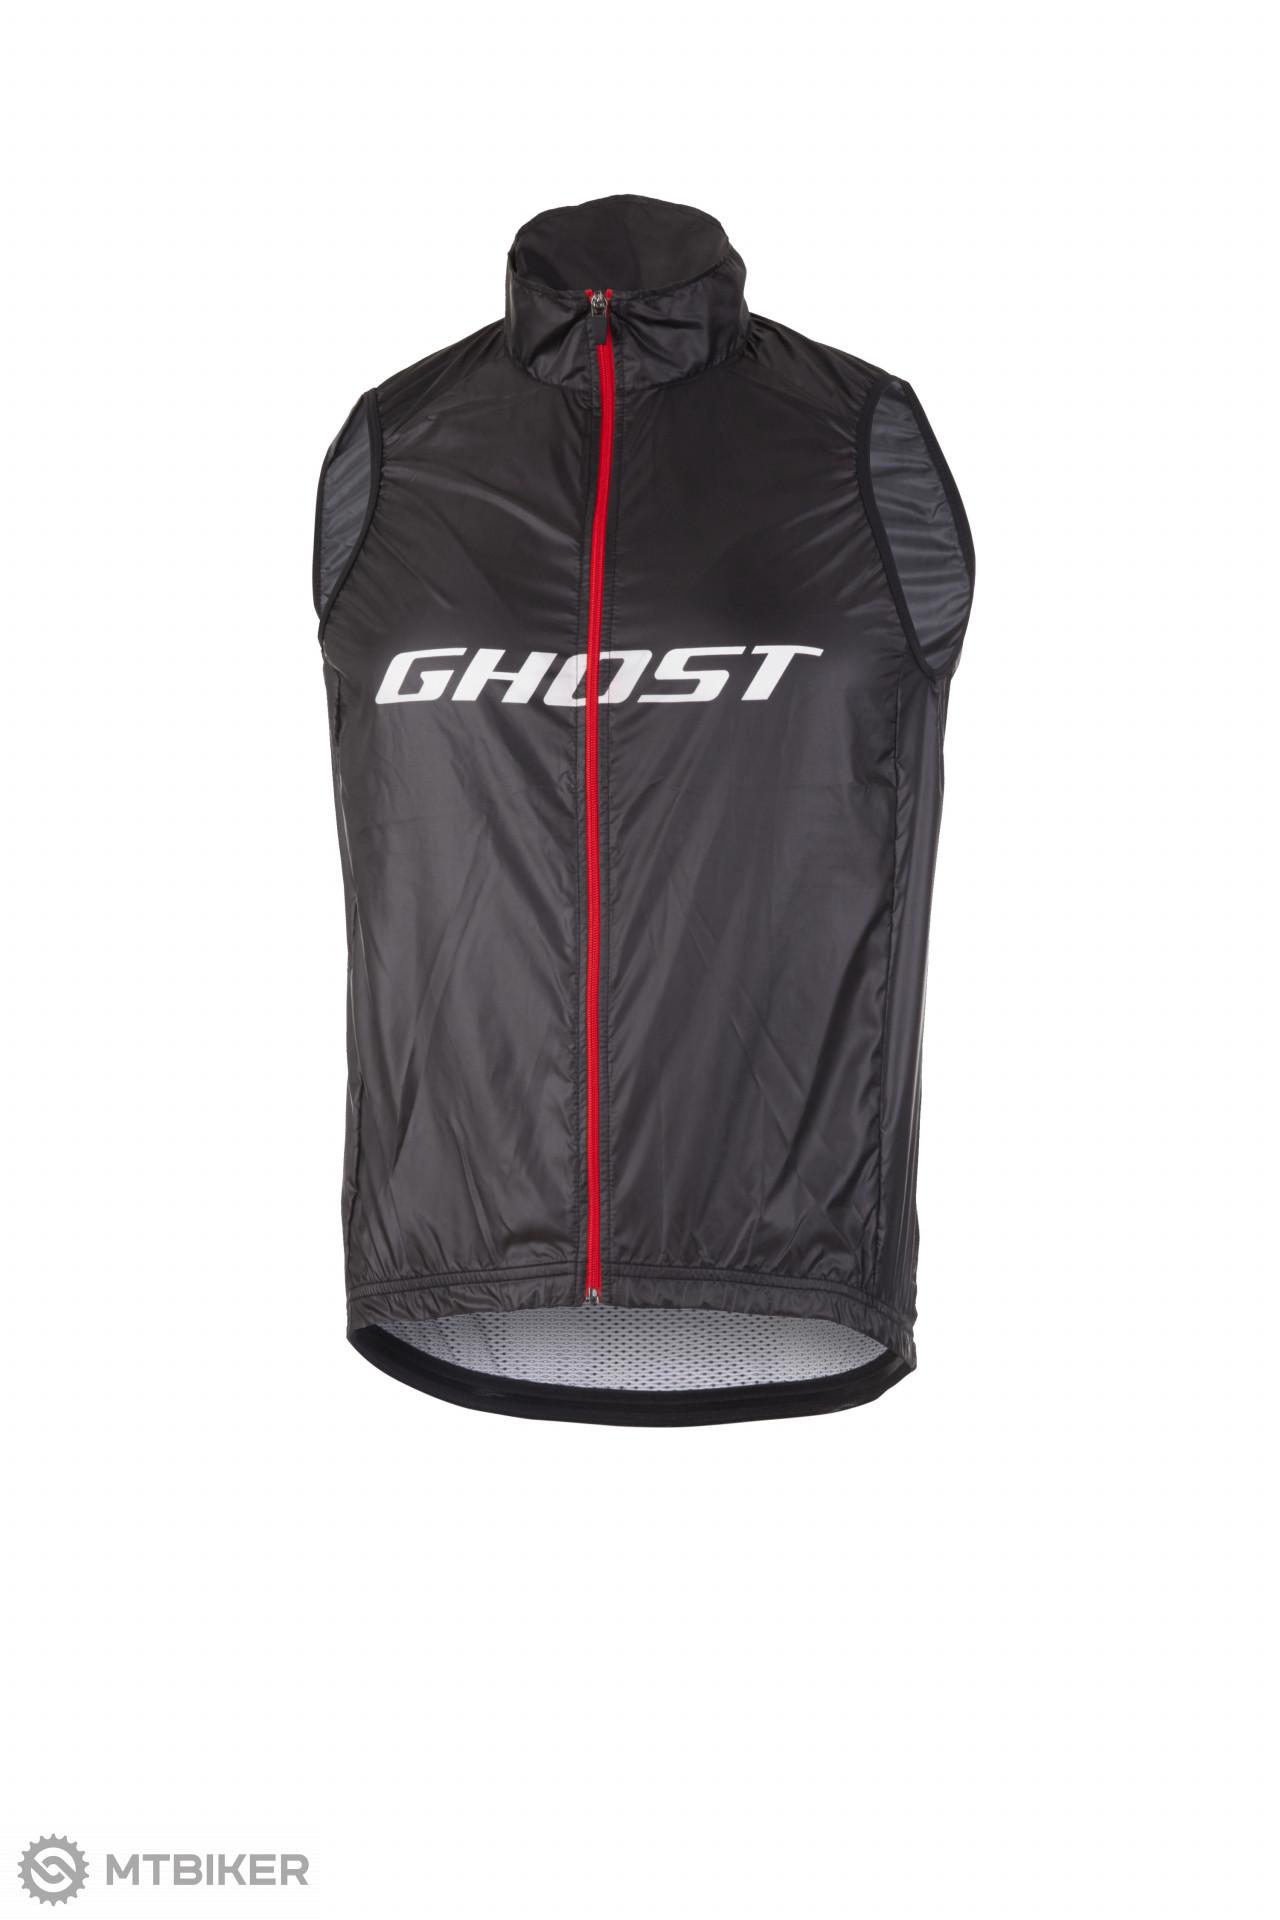 Ghost Vesta / Vest Factory Racing čierna/ červená/ biela, model 2019